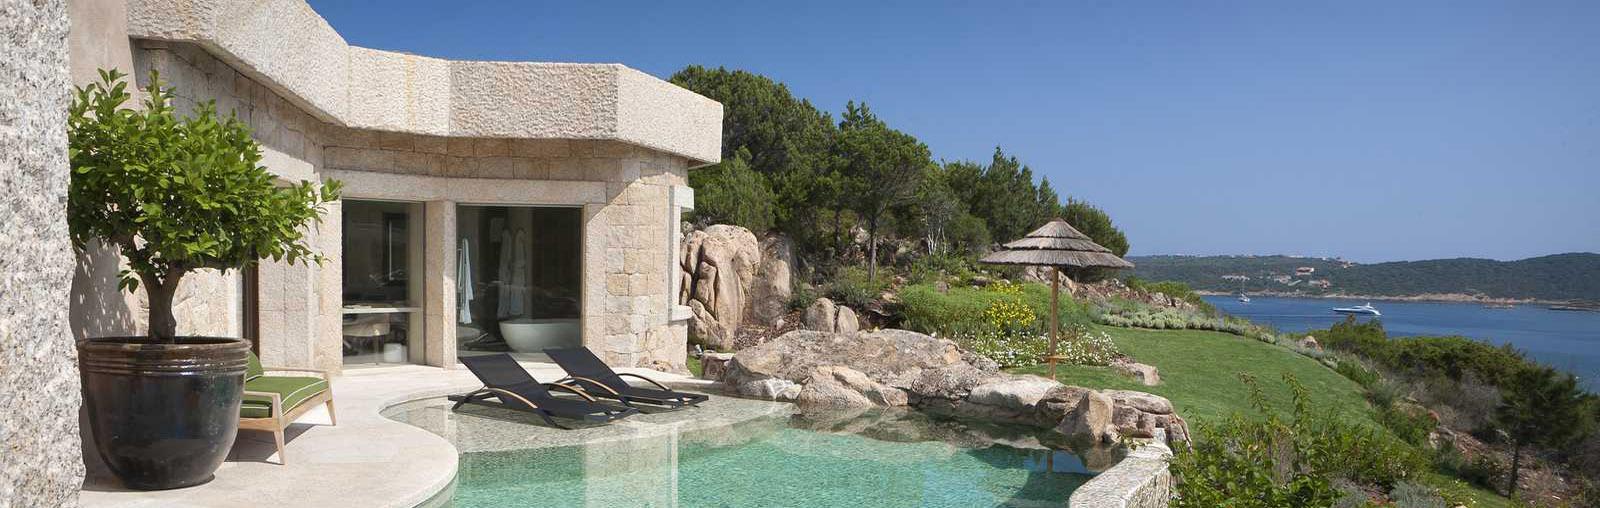 Villa taphros